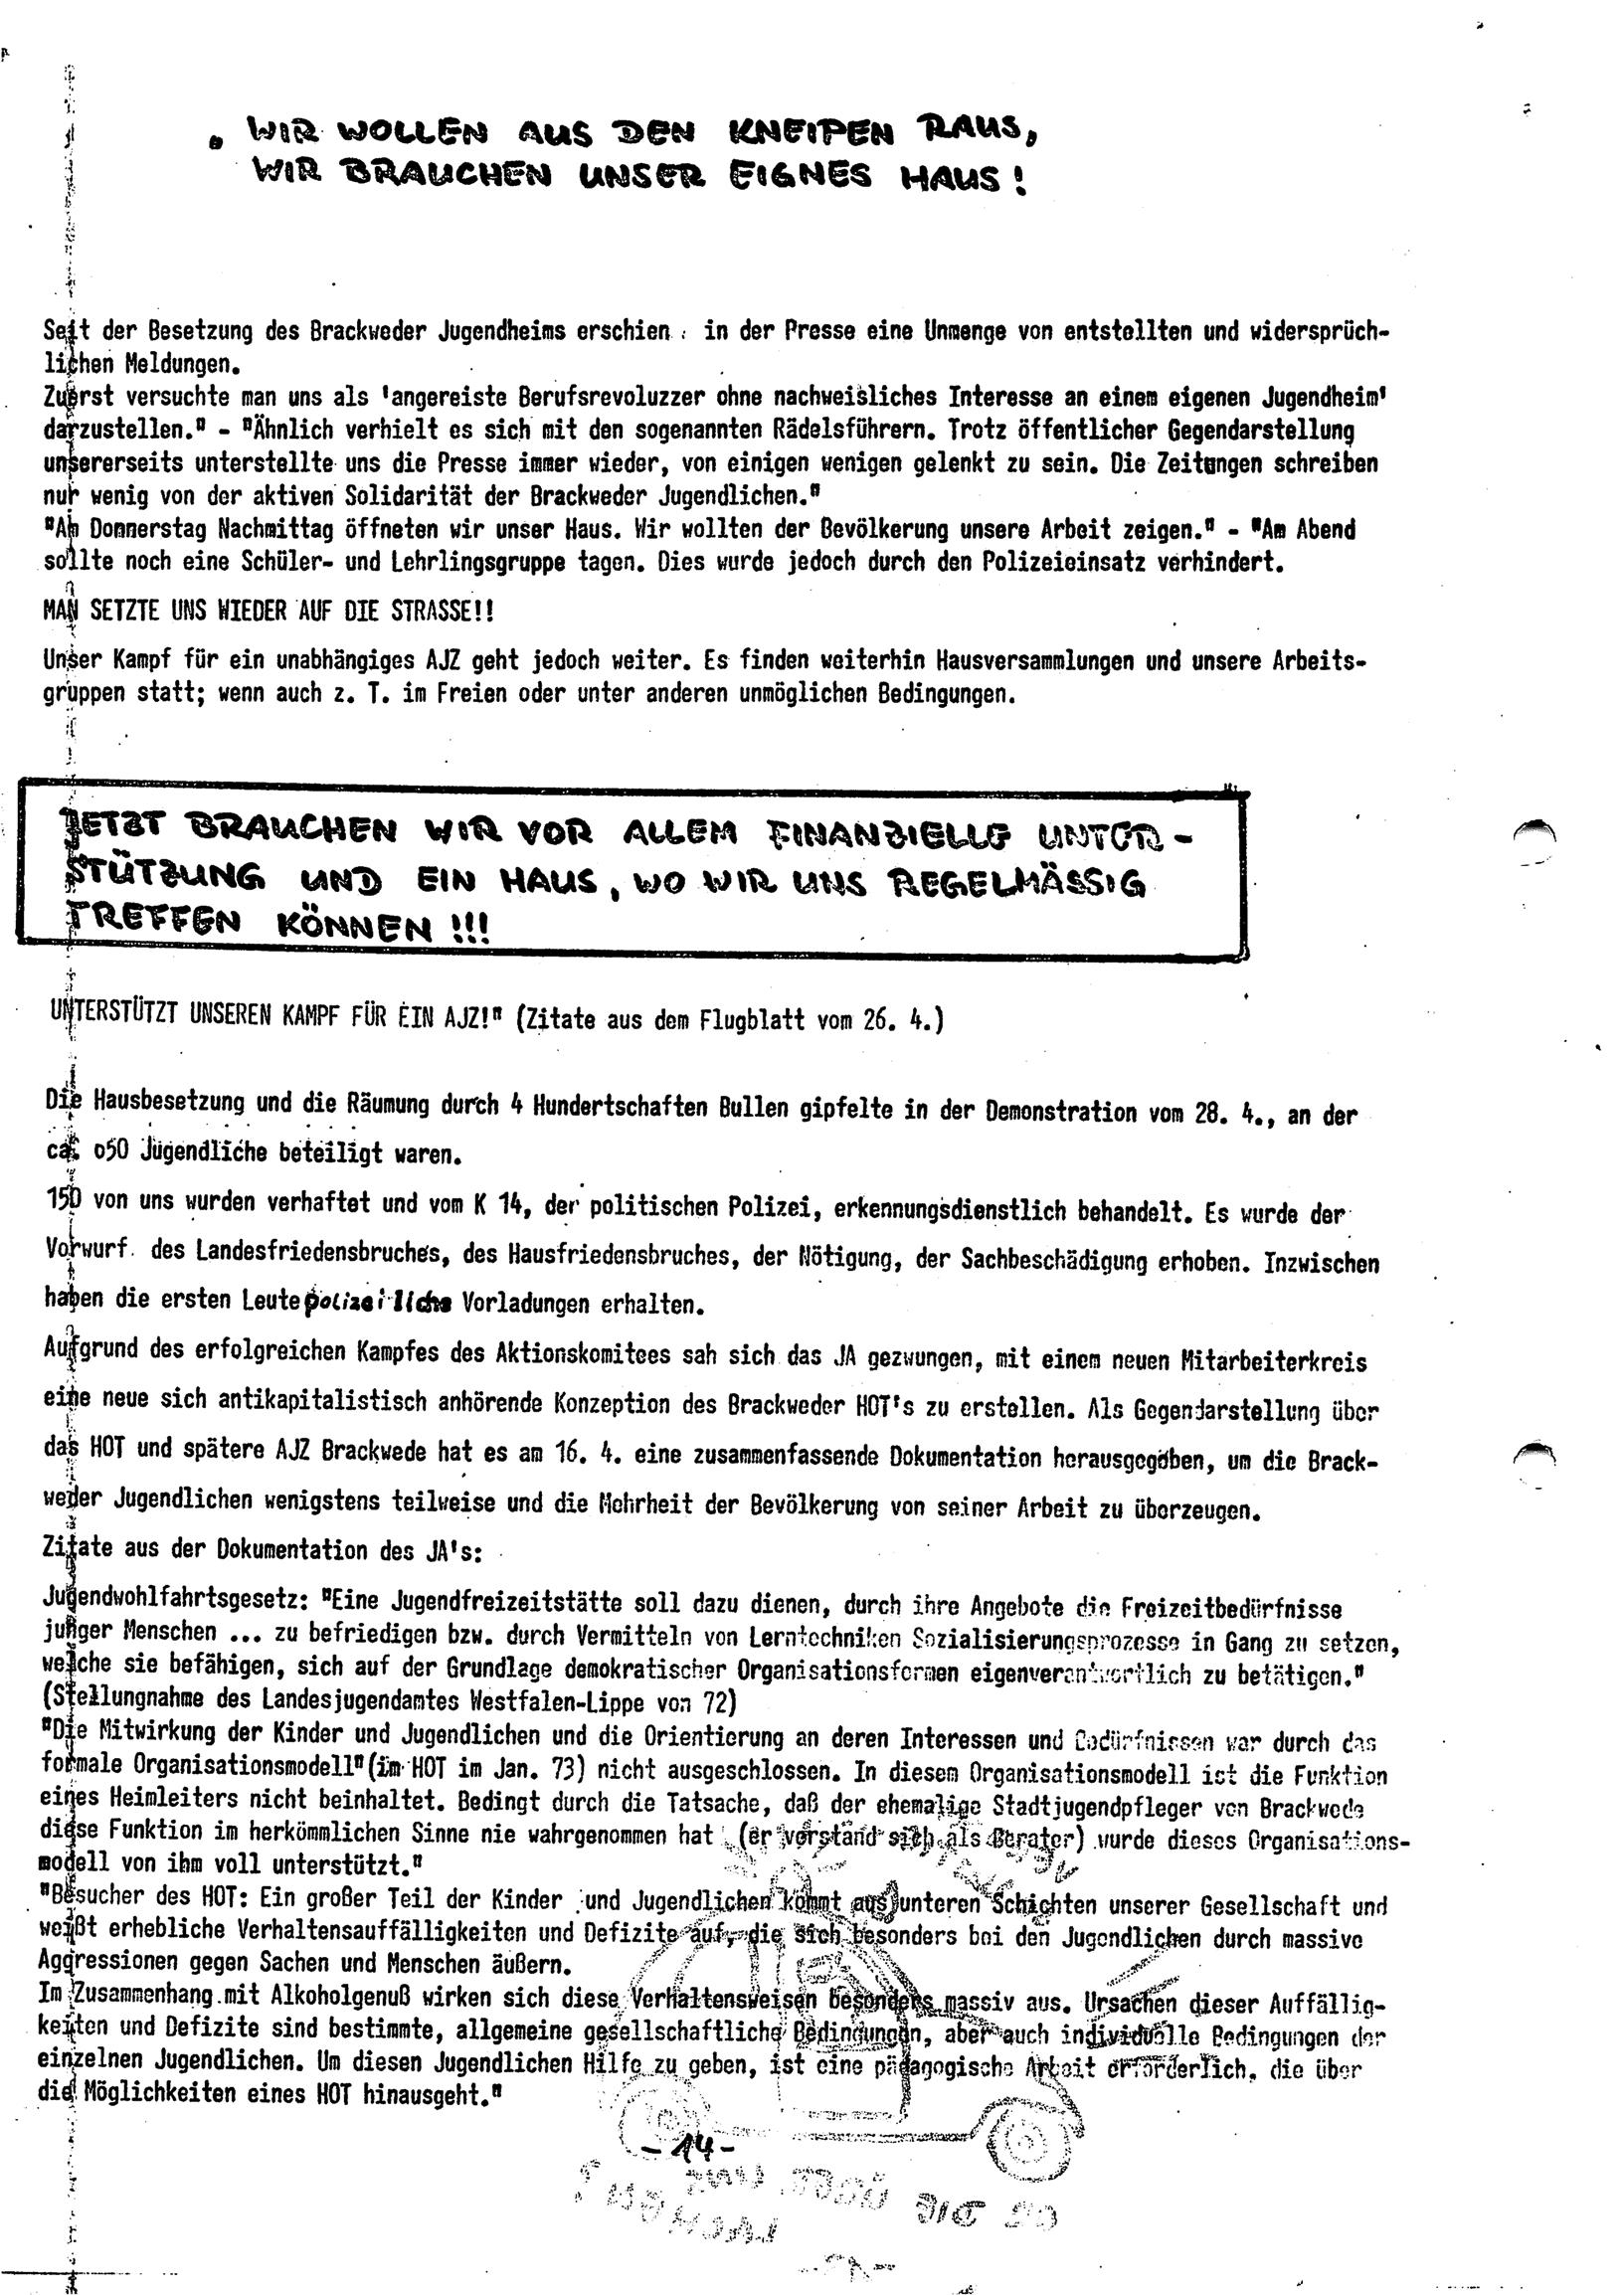 Bielefeld_SAO014